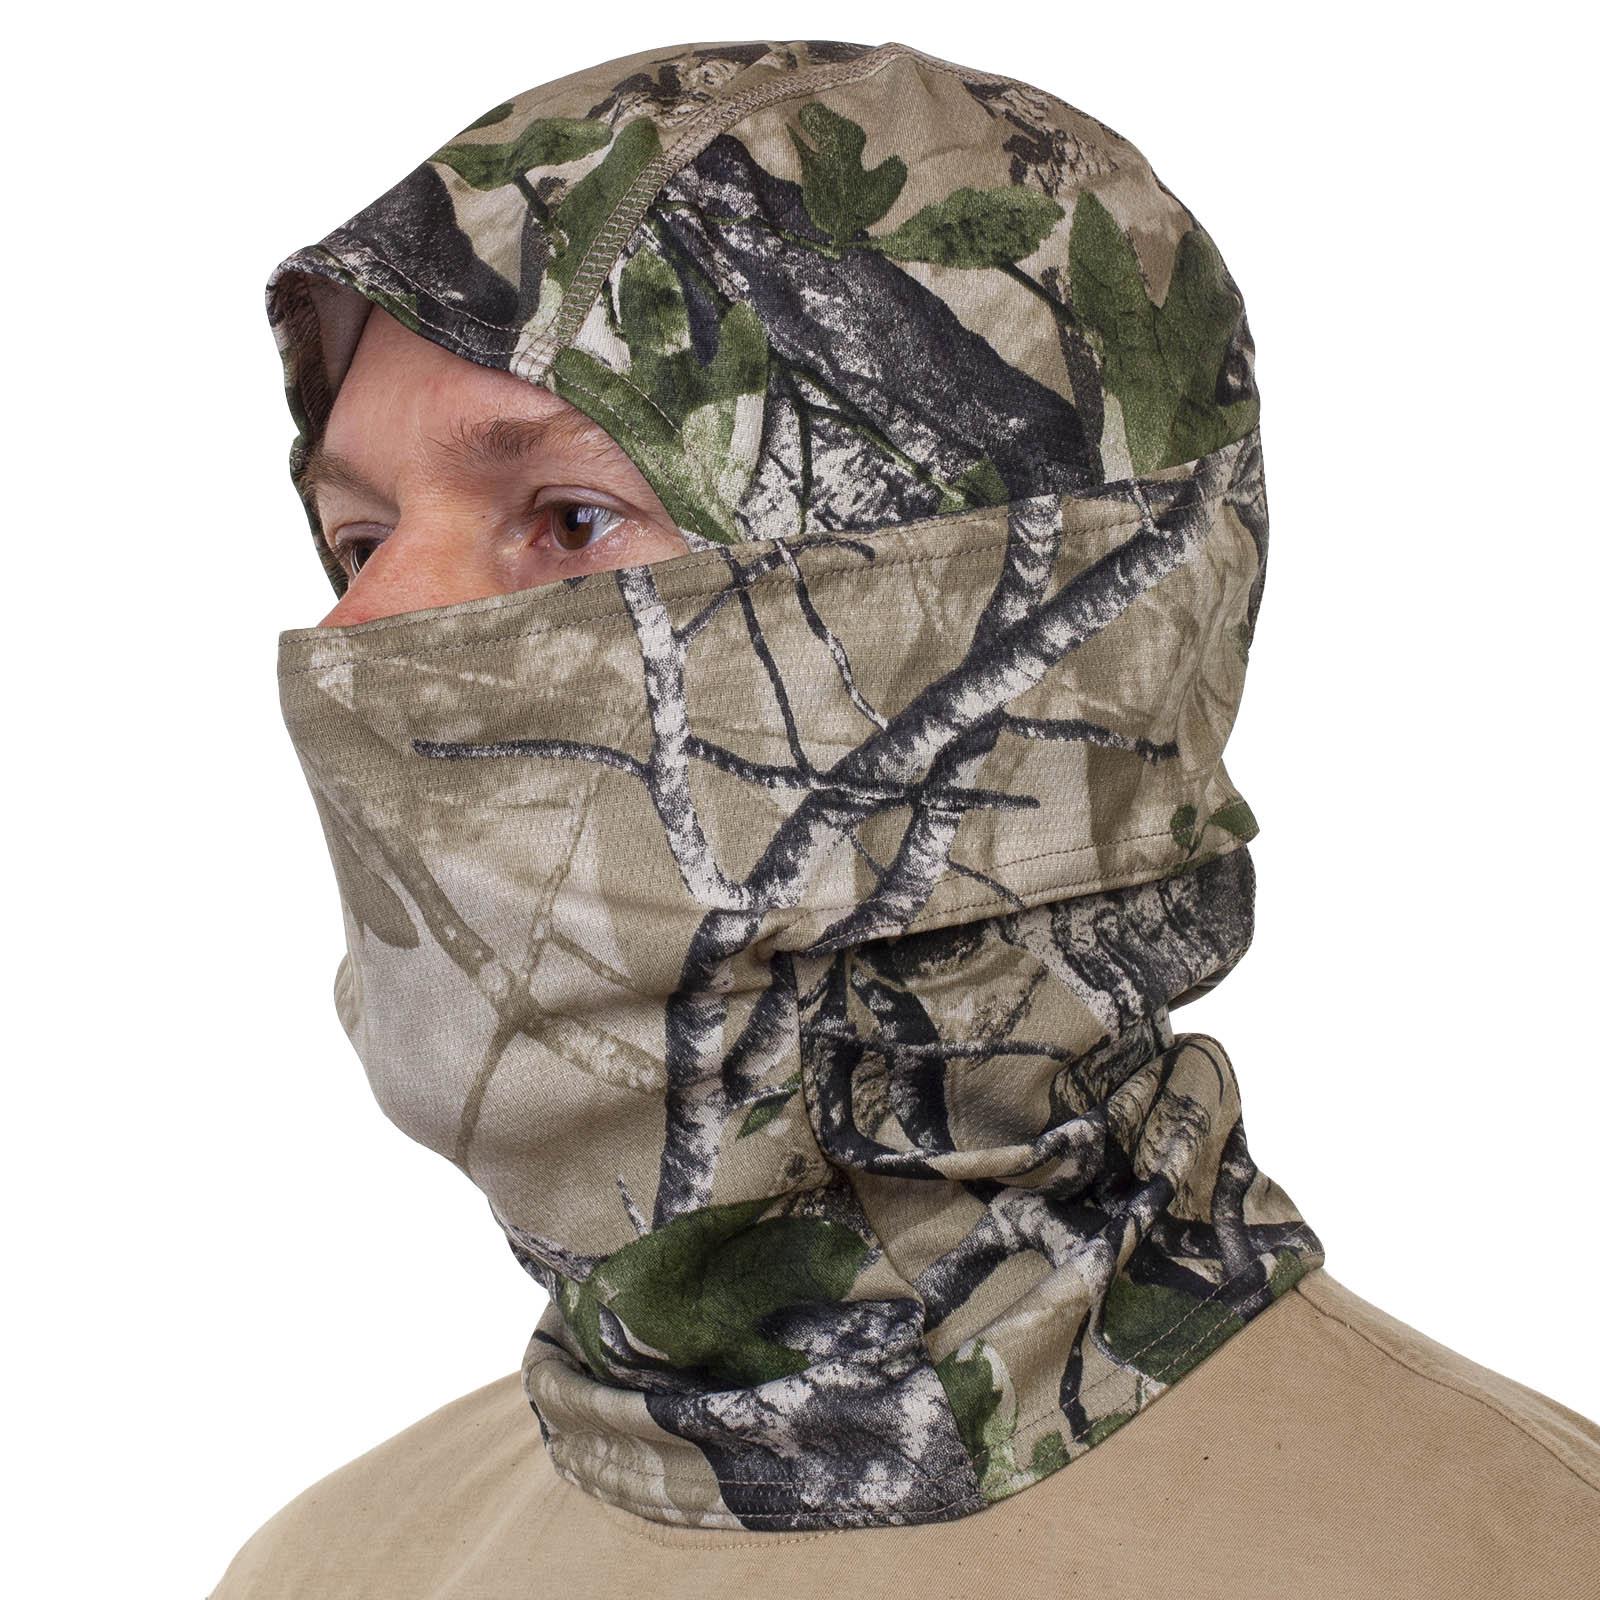 Купить в военторге маску балаклаву в камуфляже Realtree